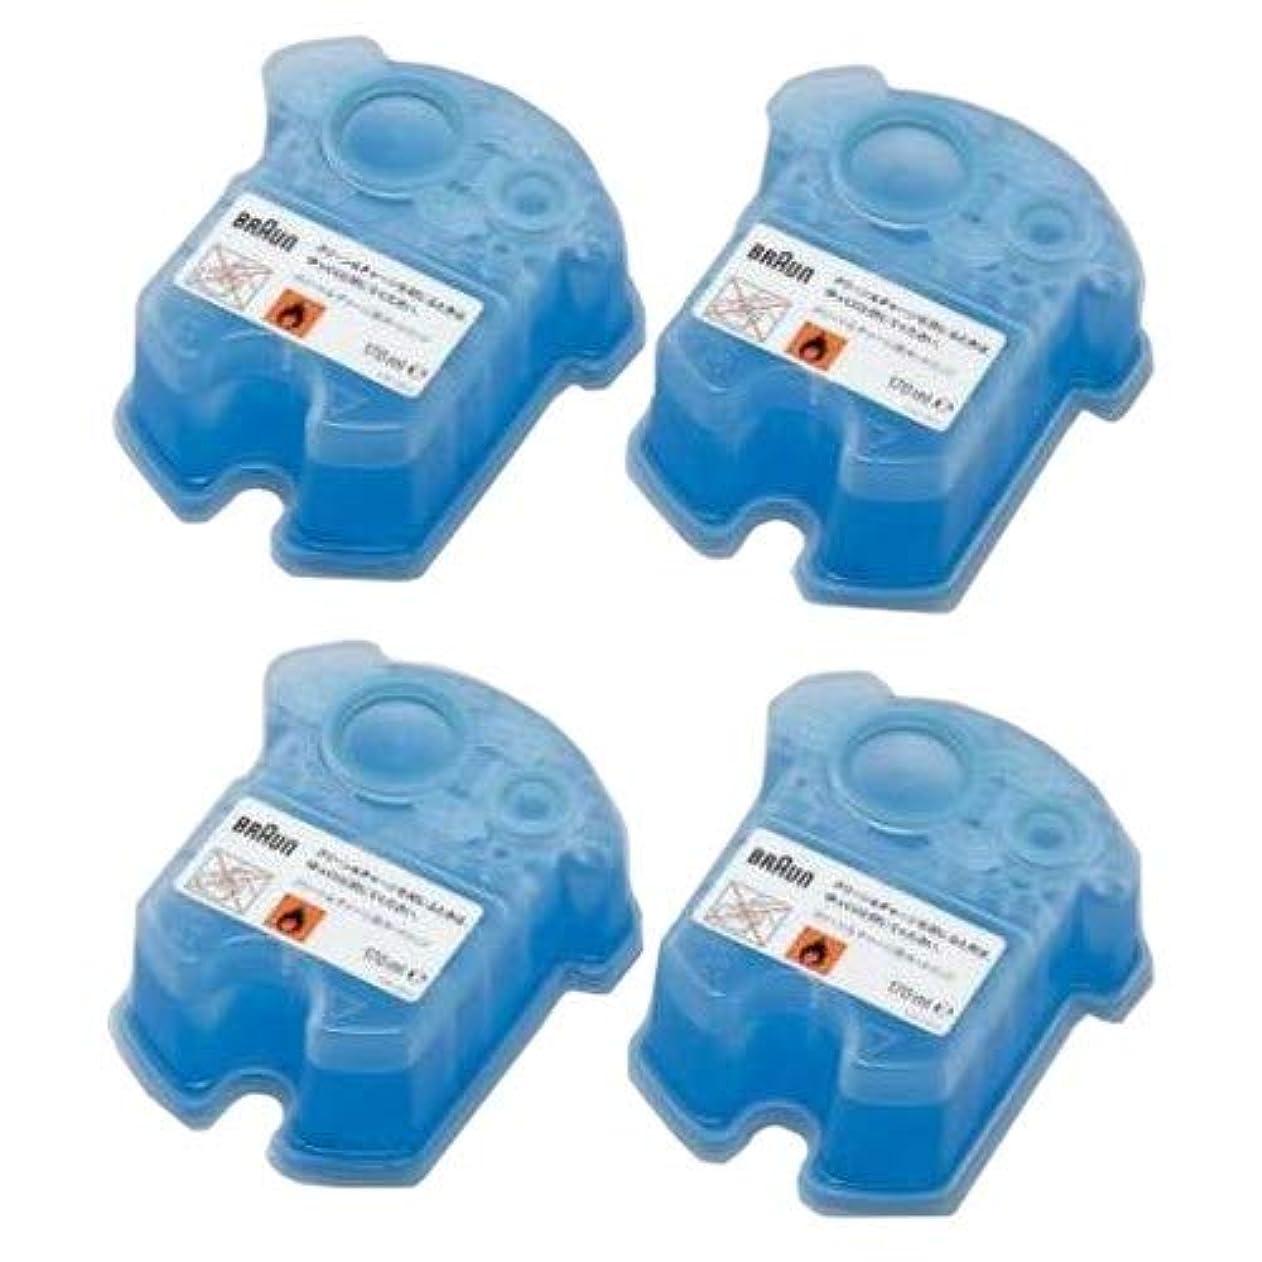 豆真空簡単に【2セット】ブラウン メンズシェーバー アルコール洗浄システム専用洗浄液カートリッジ (4個入×2セット)(計8個) CCR4CR-2SET